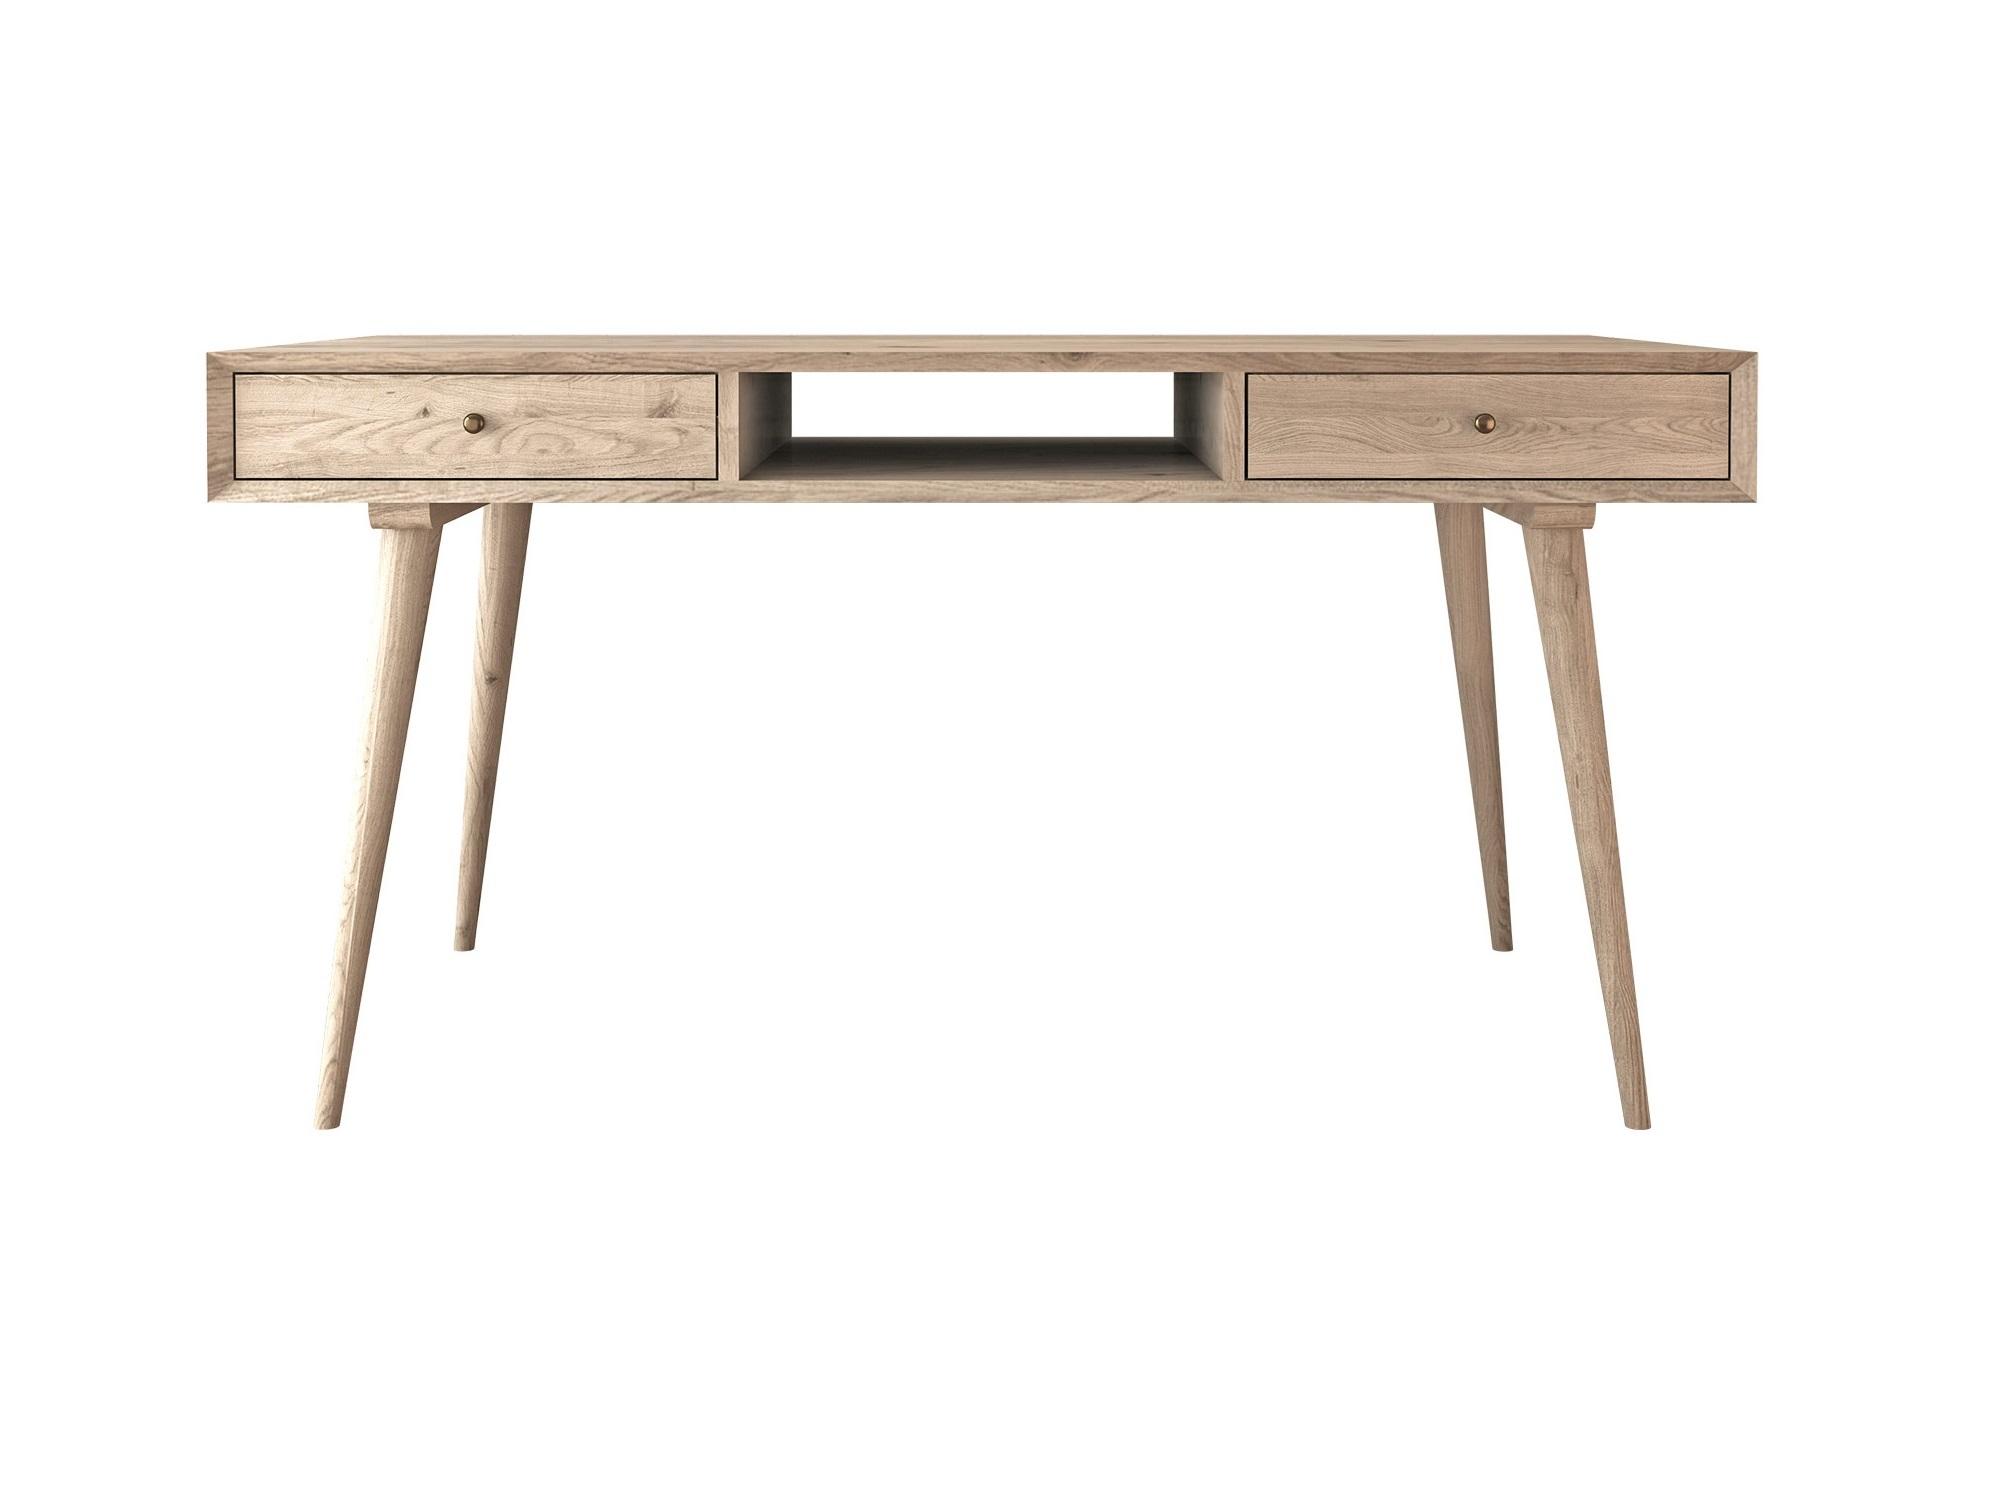 Письменный стол JordanПисьменные столы<br>Стол из коллекции &amp;quot;Jordan&amp;quot;.&amp;amp;nbsp;&amp;lt;div&amp;gt;Выполнен полностью из массива дуба.&amp;amp;nbsp;&amp;lt;/div&amp;gt;&amp;lt;div&amp;gt;Цвет - натуральный дуб.&amp;amp;nbsp;&amp;lt;/div&amp;gt;&amp;lt;div&amp;gt;&amp;lt;br&amp;gt;&amp;lt;/div&amp;gt;<br><br>Material: Дуб<br>Ширина см: 135.0<br>Высота см: 76.0<br>Глубина см: 60.0